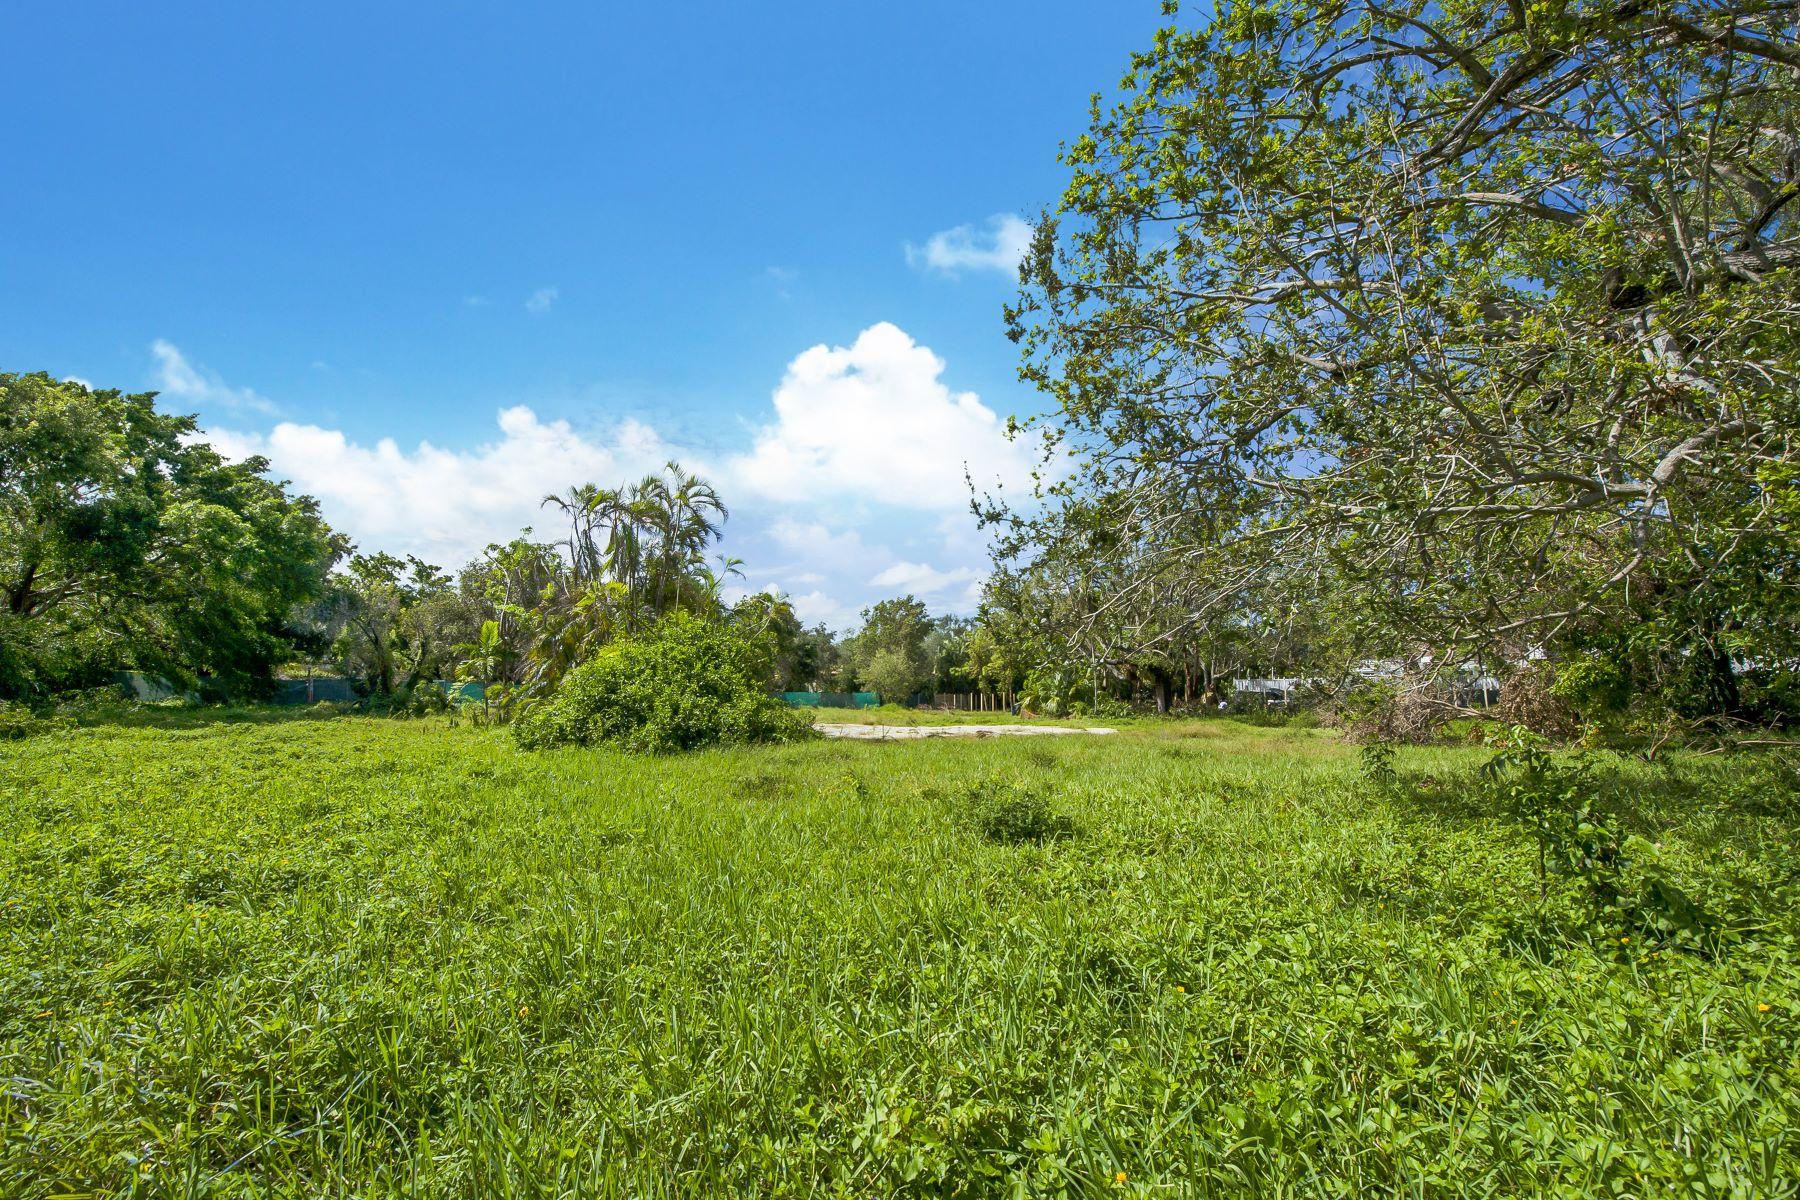 Terreno por un Venta en 5965 Sw 128th St Pinecrest, Florida, 33156 Estados Unidos